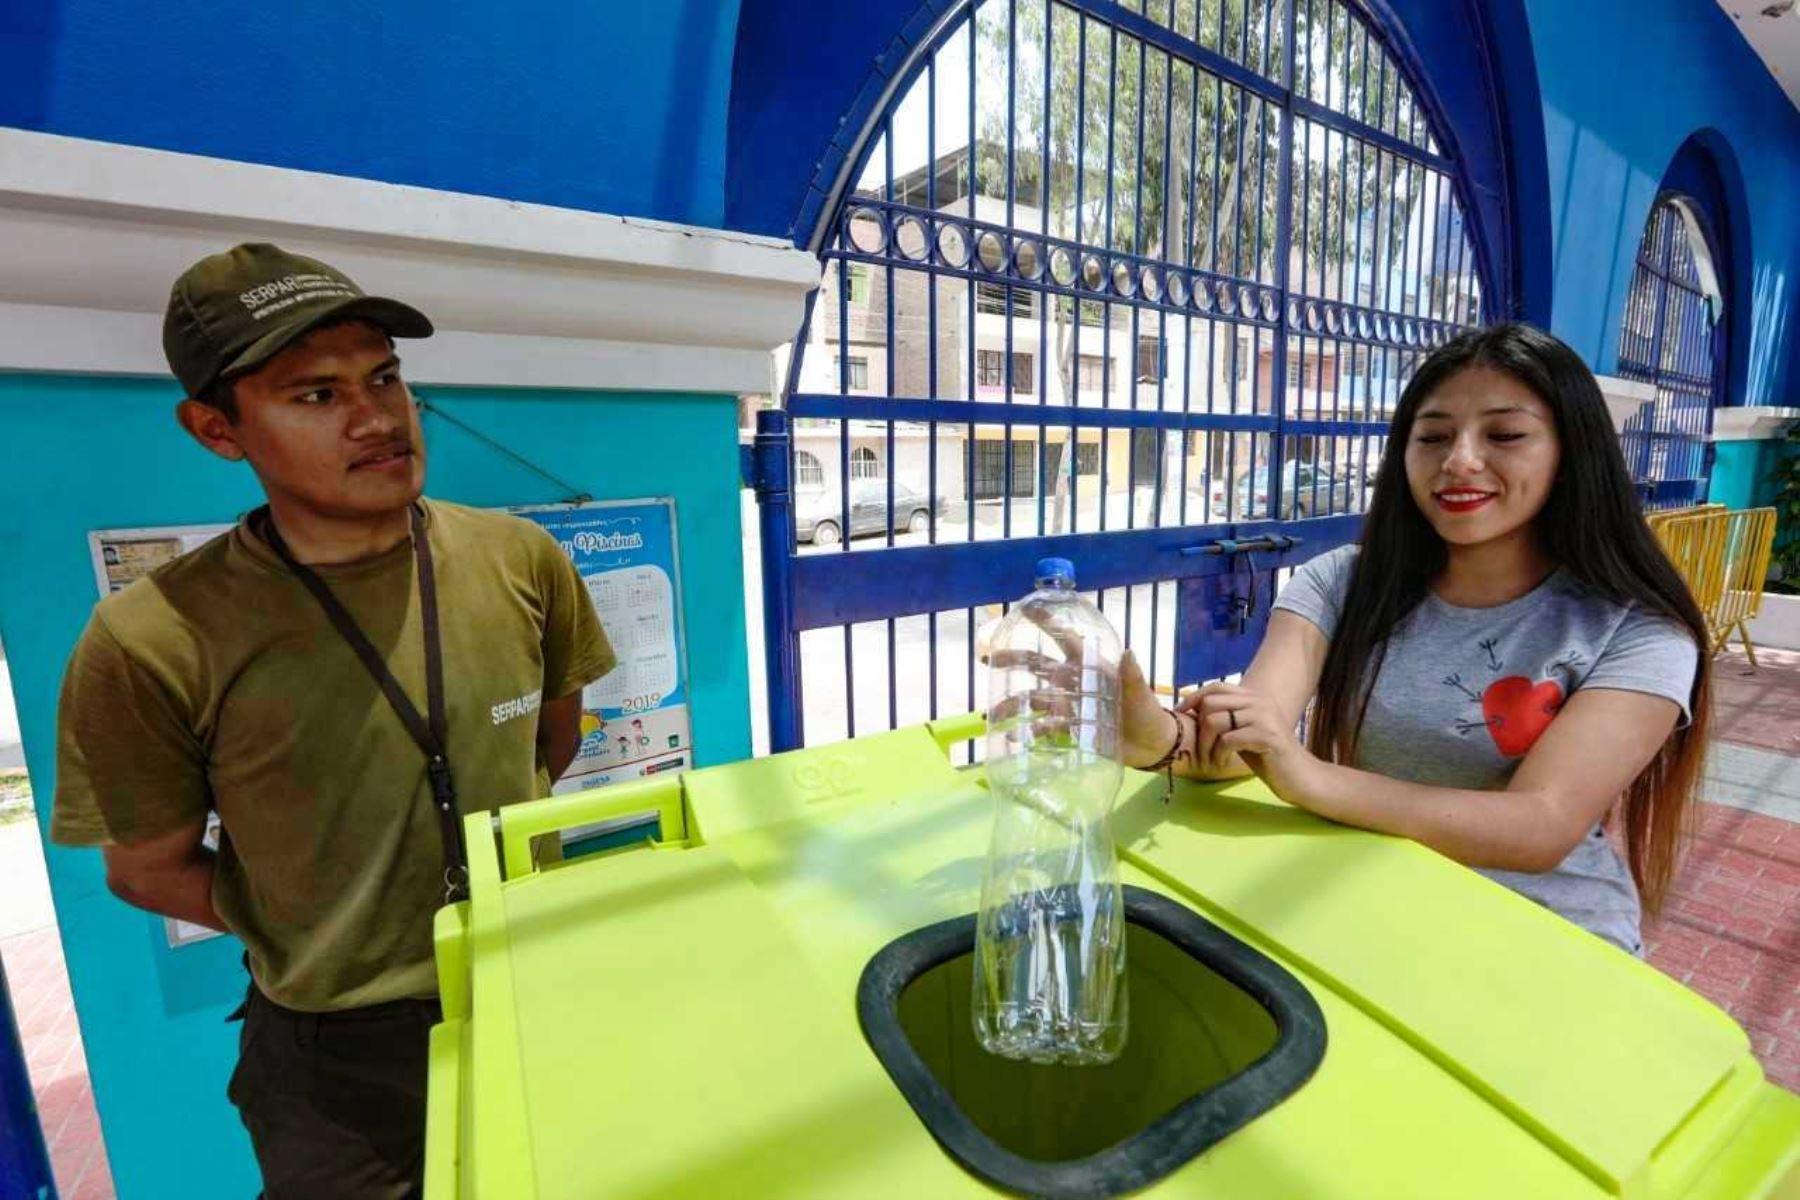 Vecinos ingresarán gratis a clubes zonales reciclando botellas de plástico. Foto: ANDINA/Difusión.